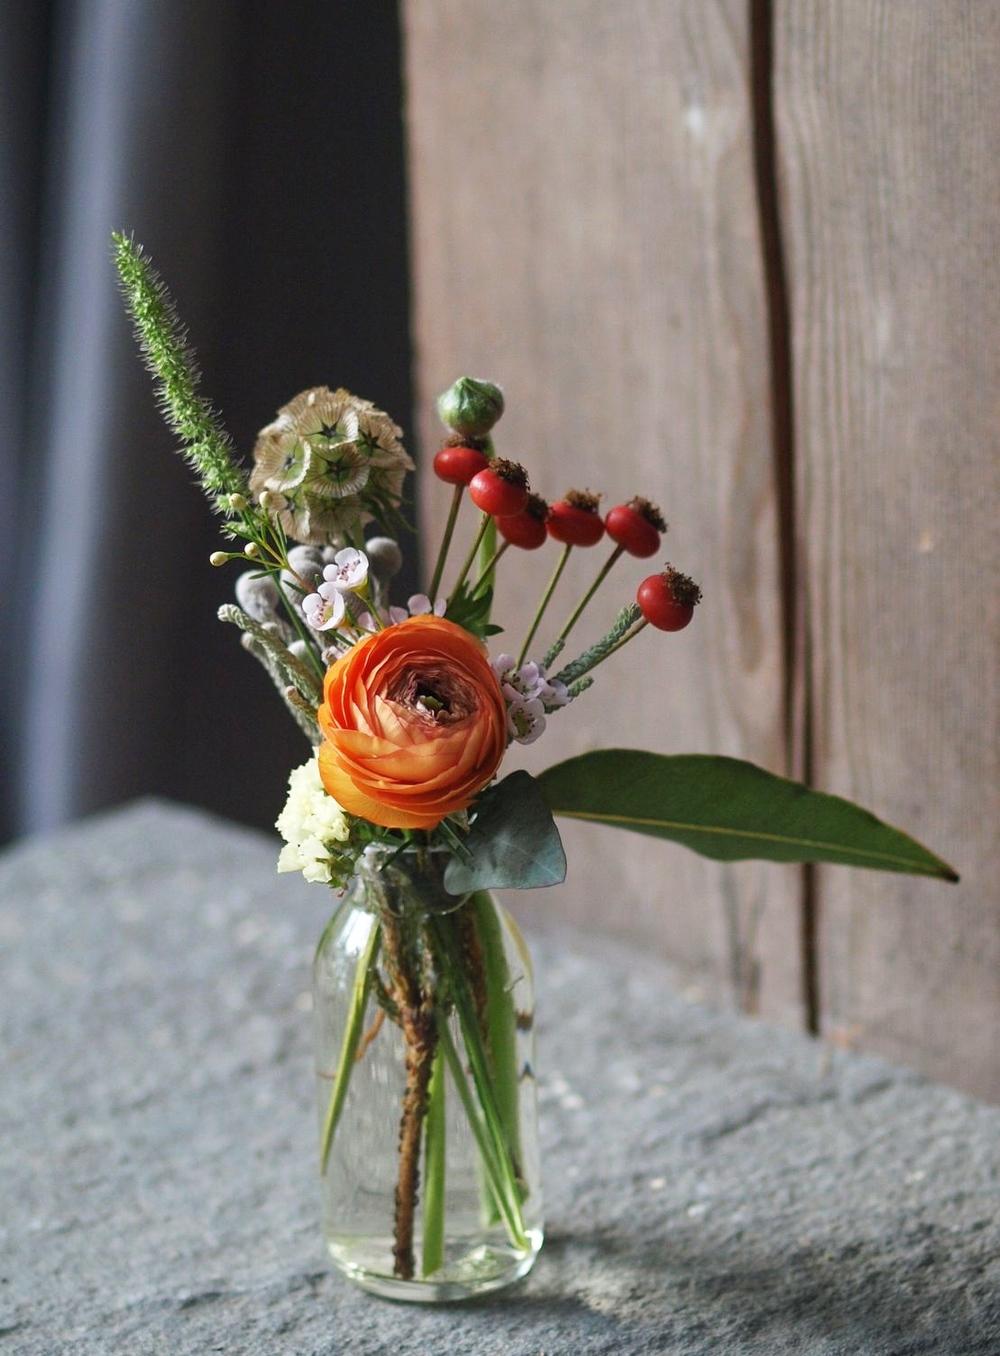 Oreonta house woodstock wedding bud vase with orange ranunculous, lambs ears, grey brunia, red berries and red rosehips and wildflowers rosehip social rosehip floral pink wax flowers.jpg